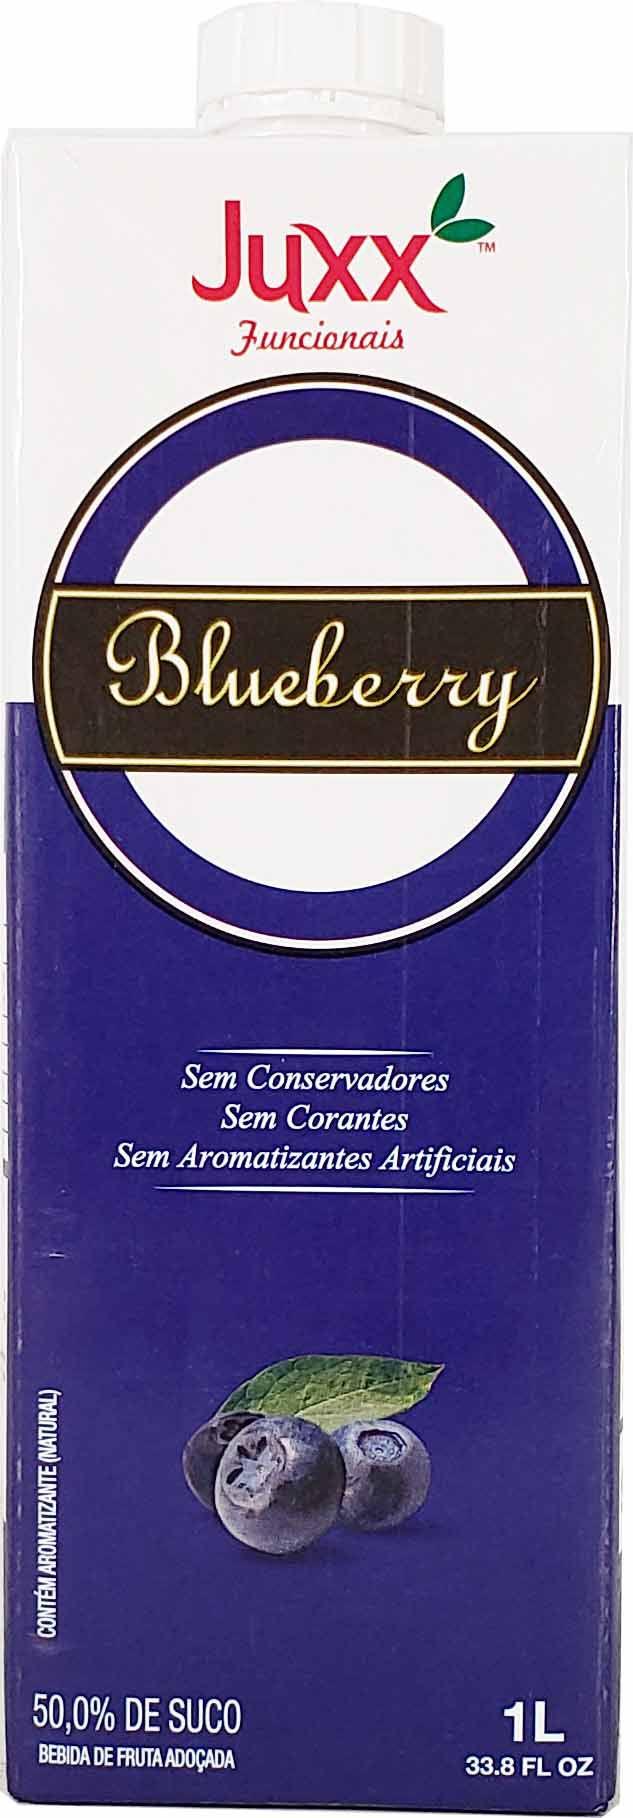 Suco Juxx Blueberry - 1L -